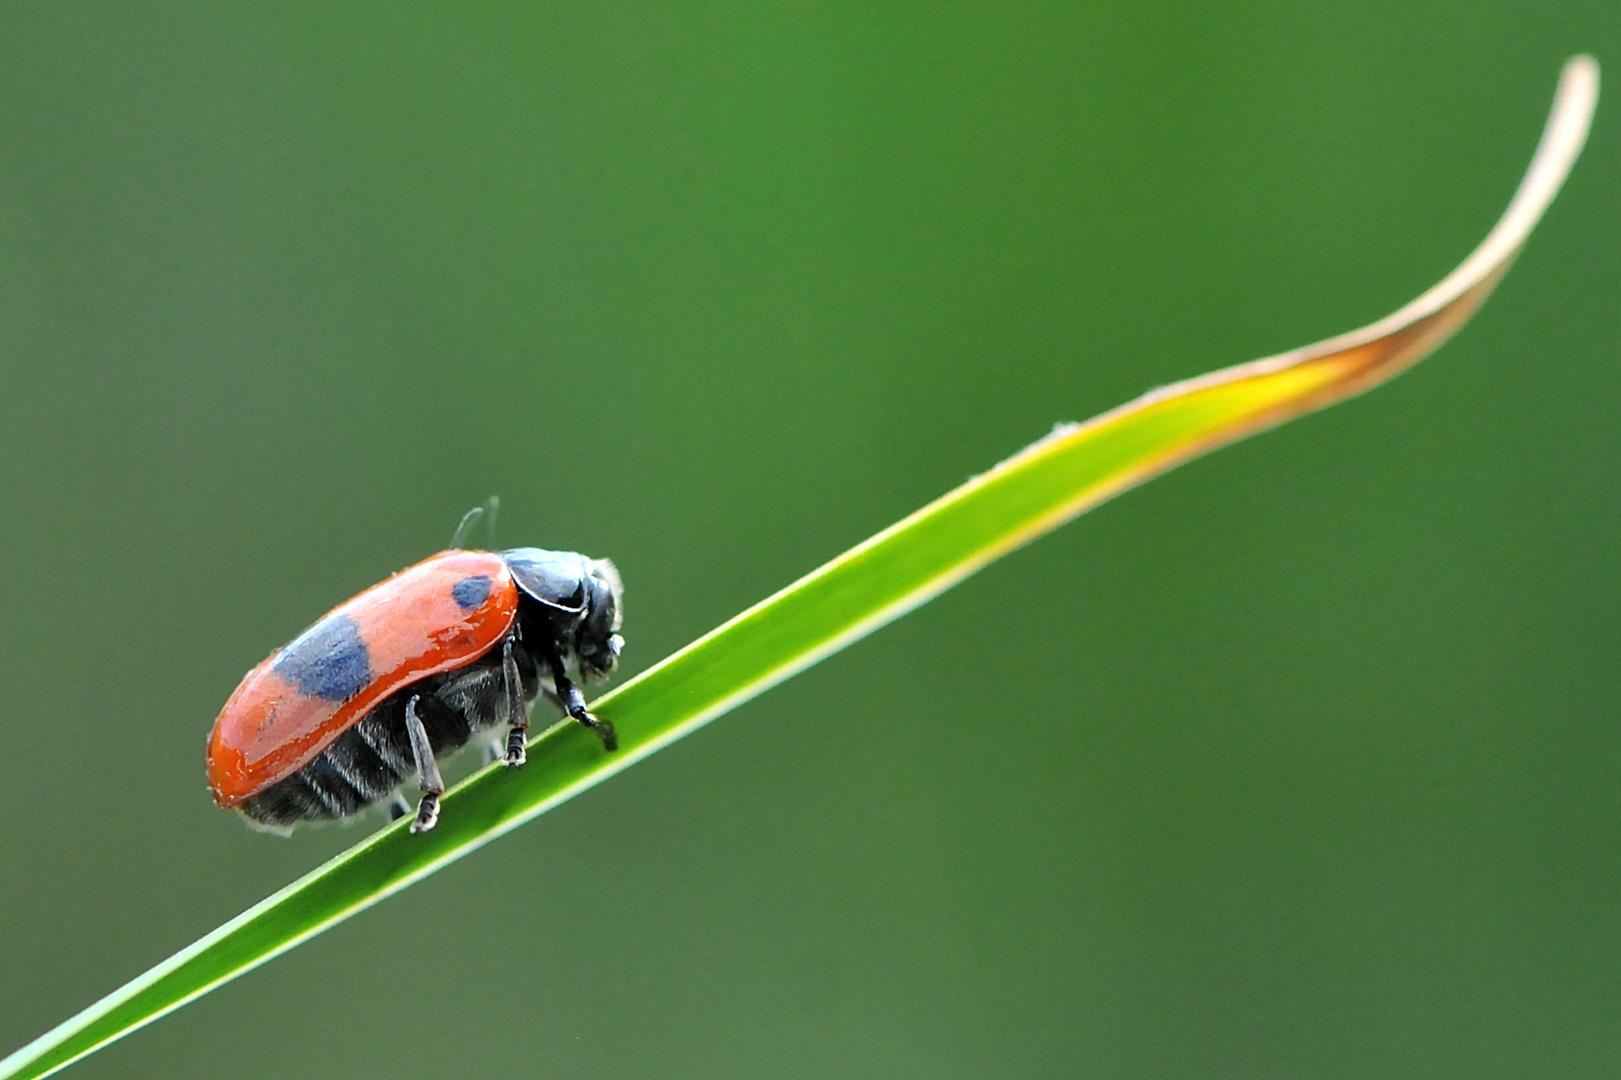 Ameisen Sackkäfer (Clytra laeviuscula) Seite